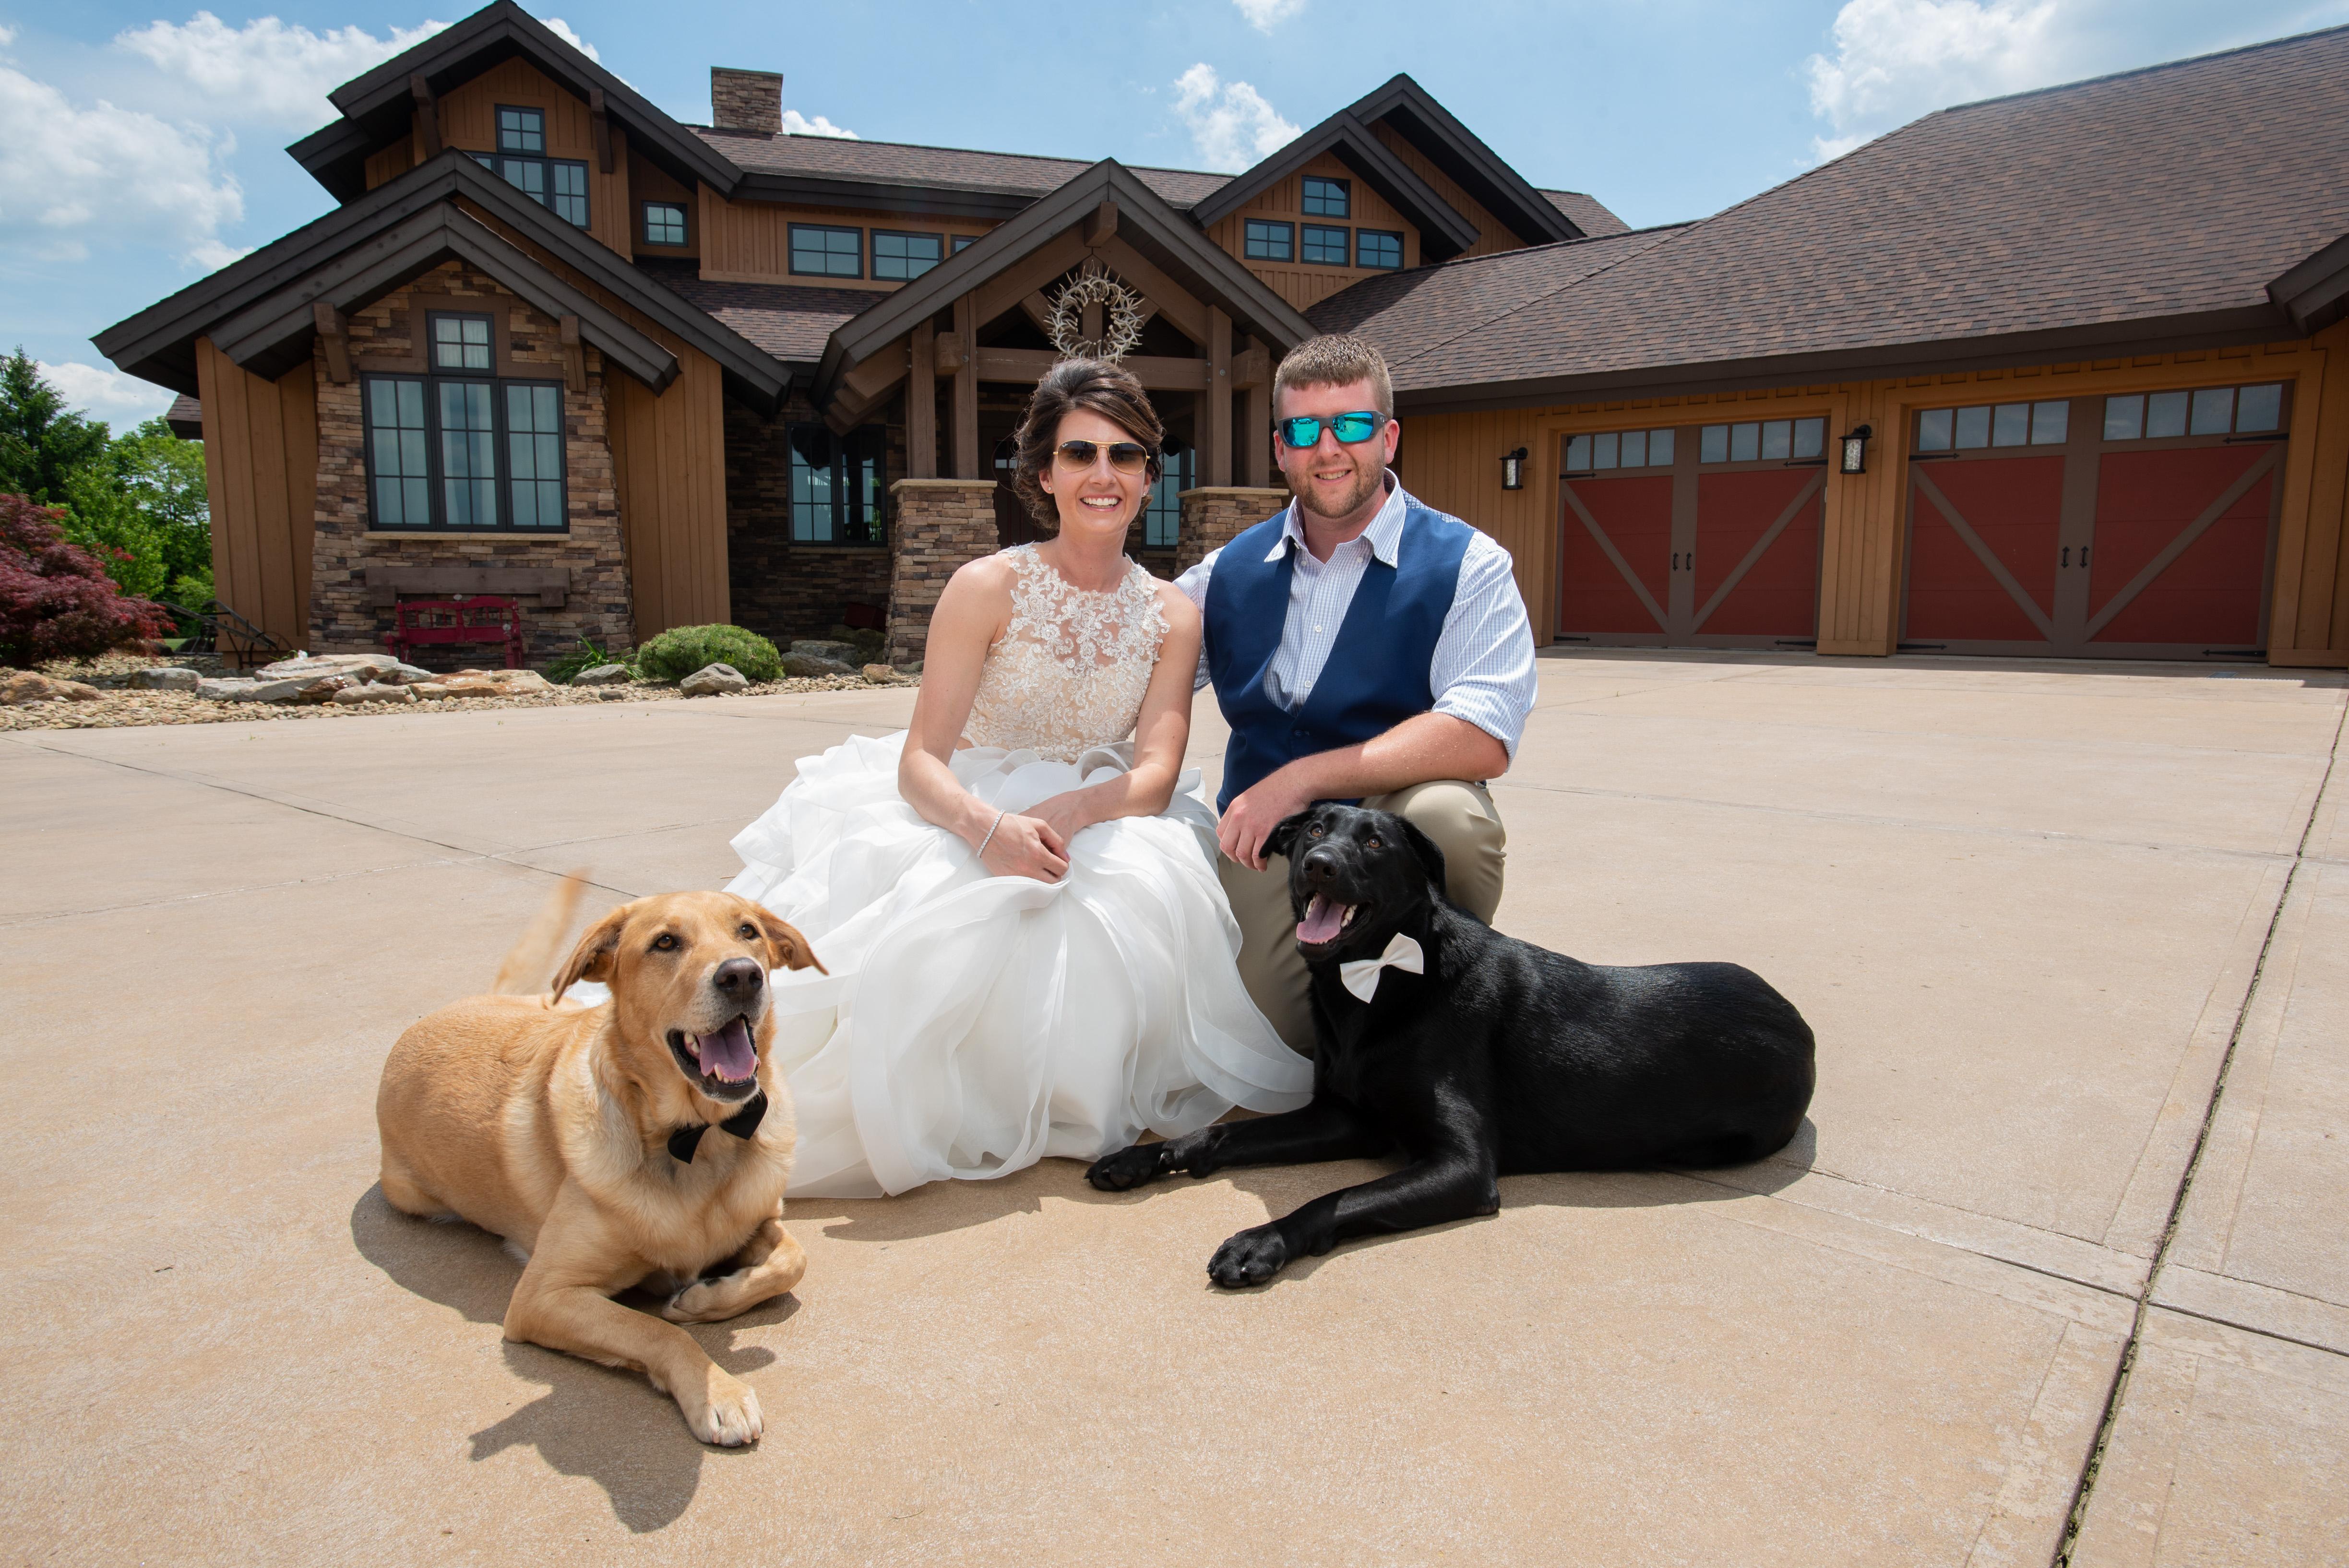 Milwaukee Wedding Photography-Jadon Good Photography_125